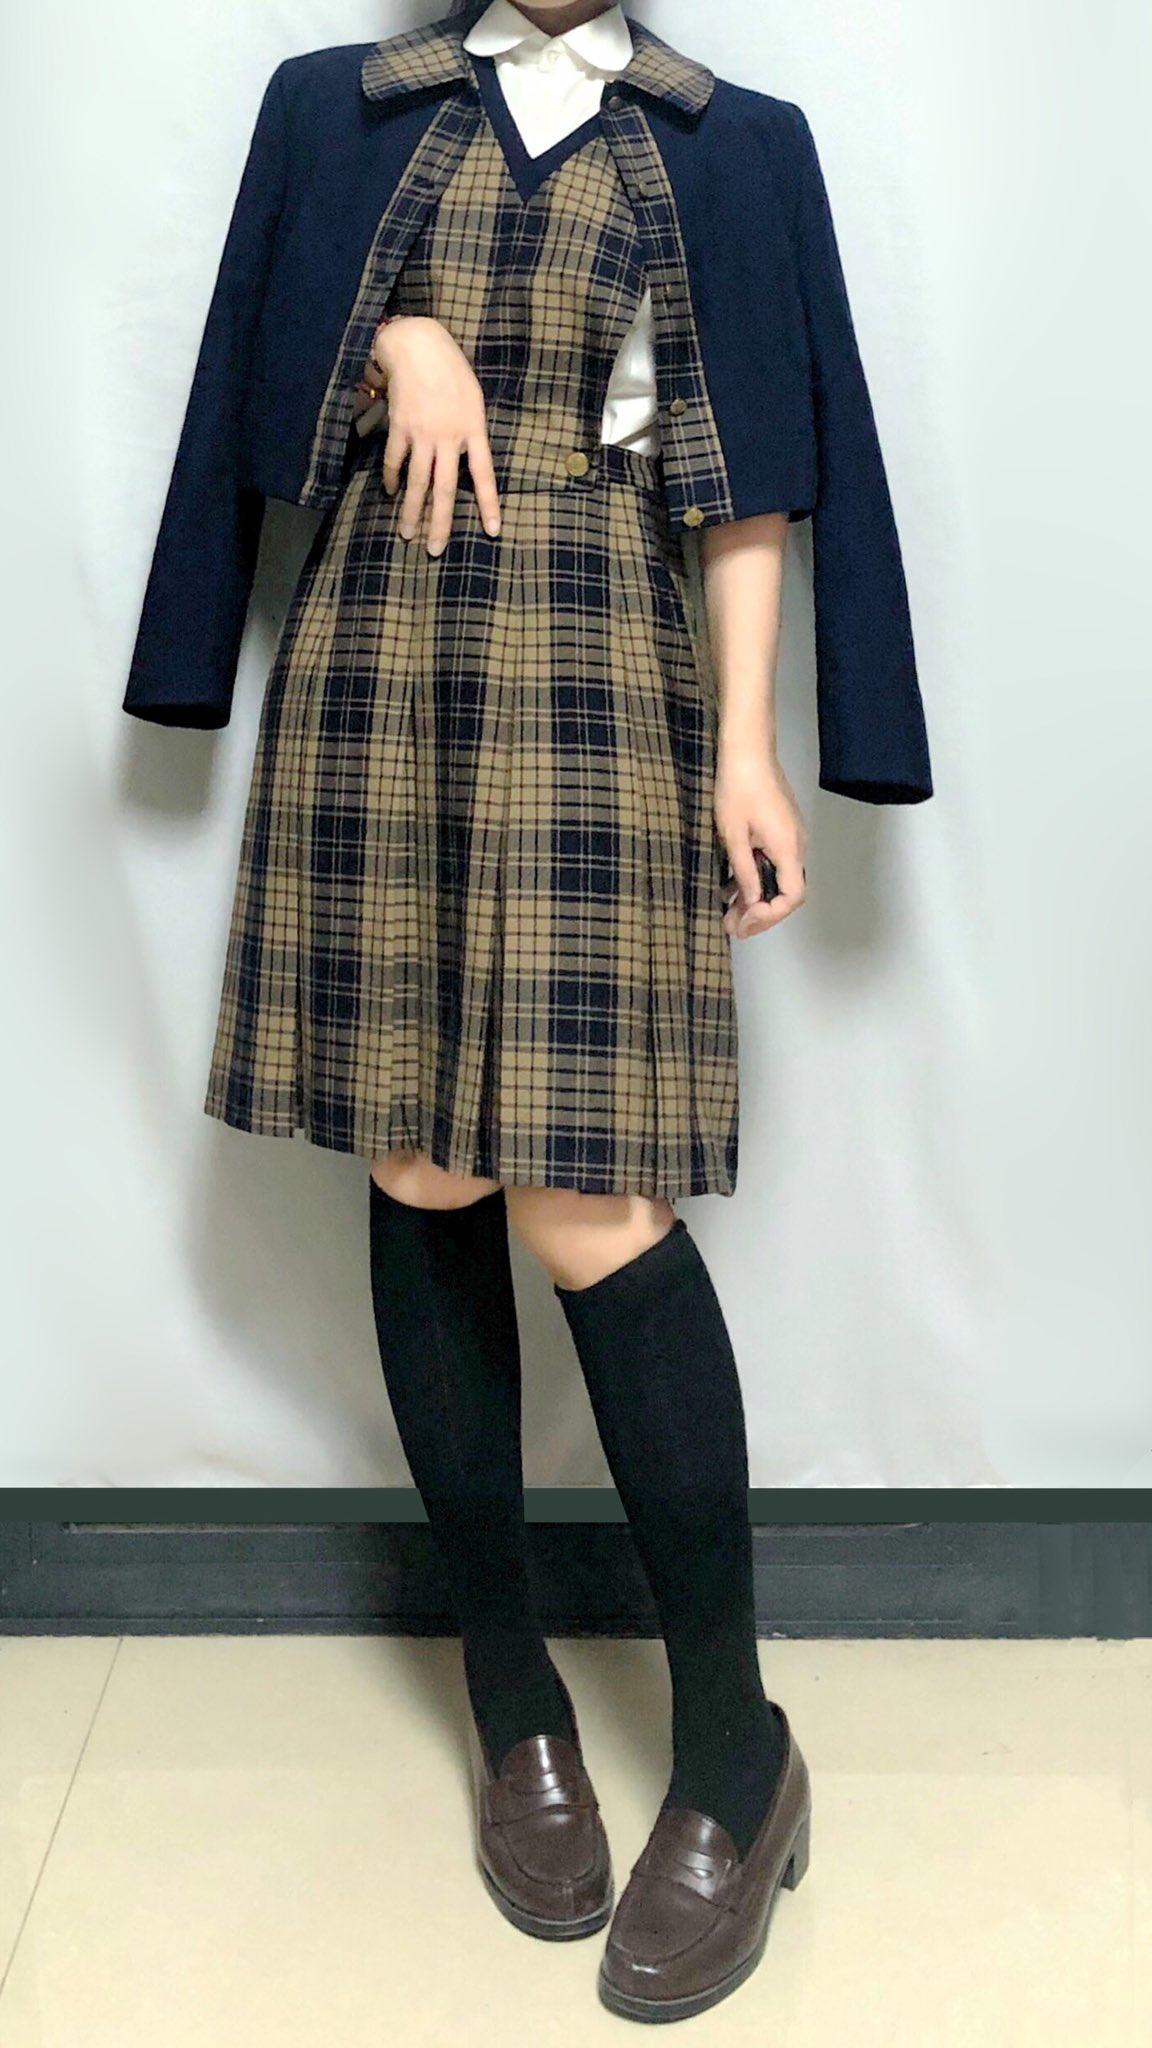 熊本県八代市興国町 秀岳館高等学校 ♡とても素敵な冬服!!!